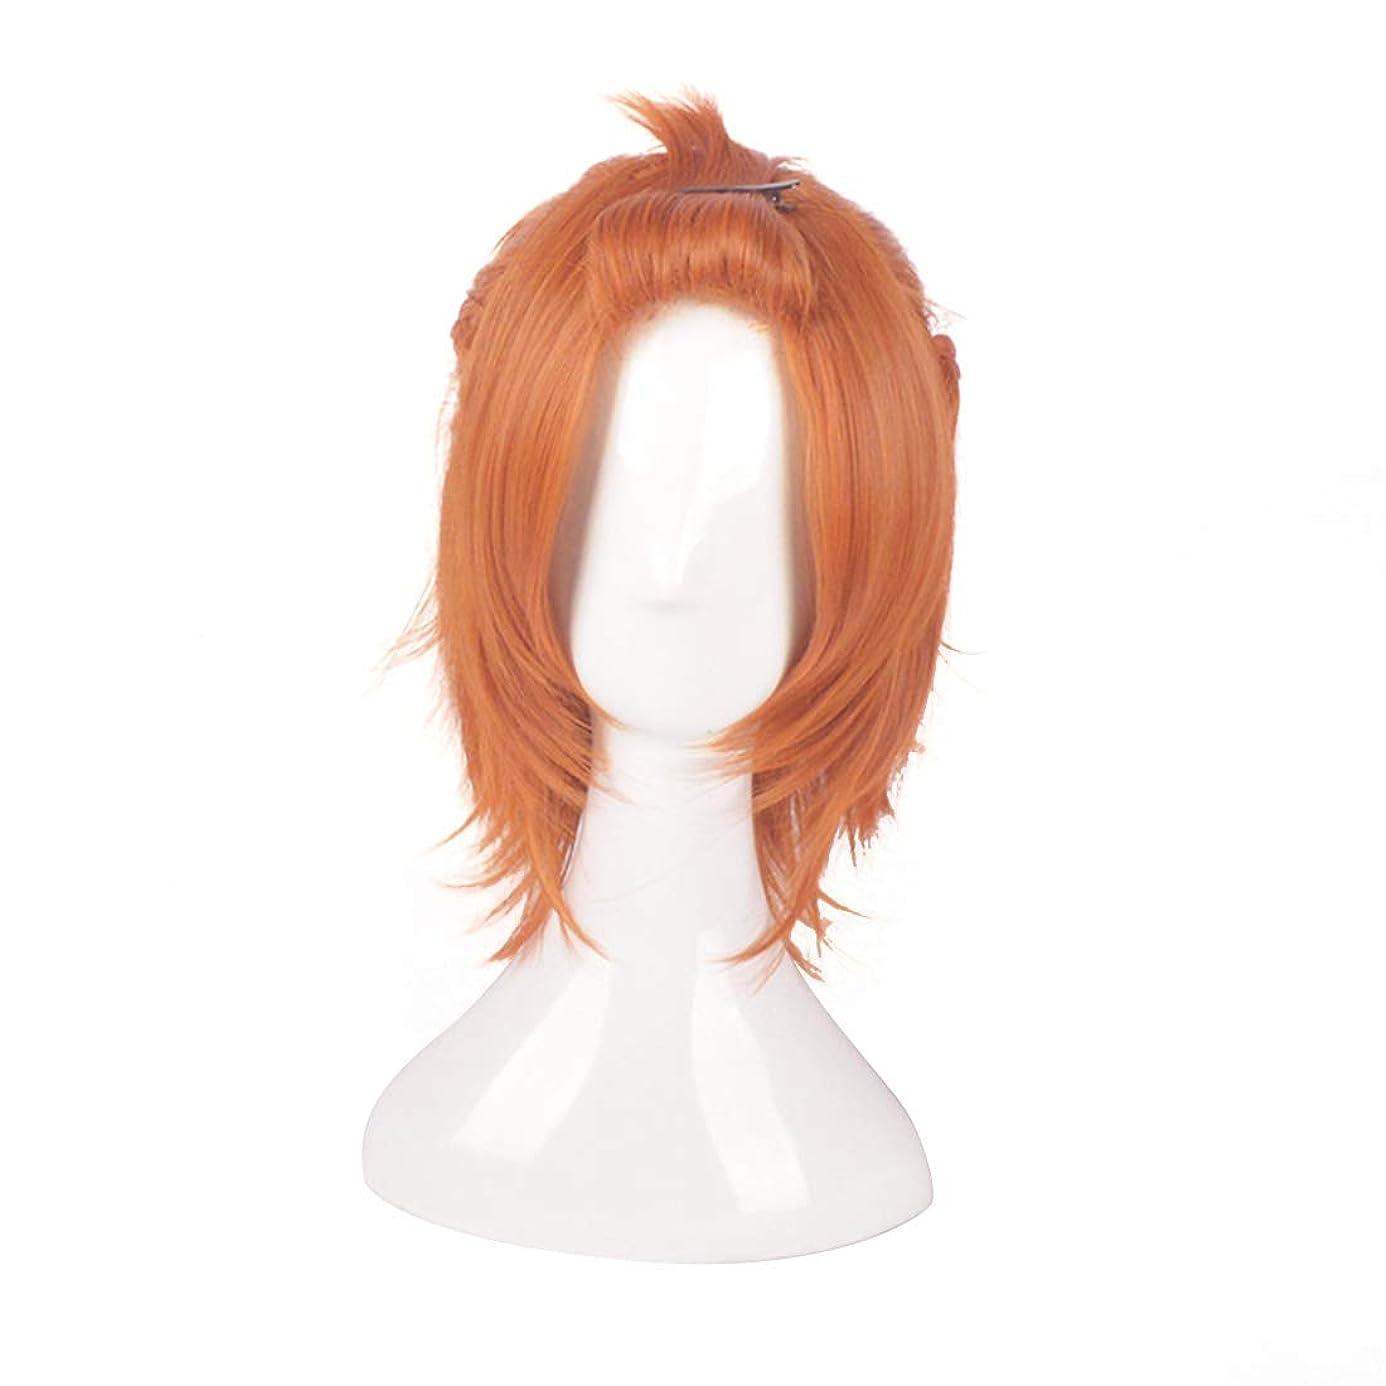 牛タイムリーな軍艦JIANFU ショートヘアオレンジマイクロショートヘアヨーロッパとアメリカアニメスタイルウィッグコスプレウィッグ君のために (Color : オレンジ)